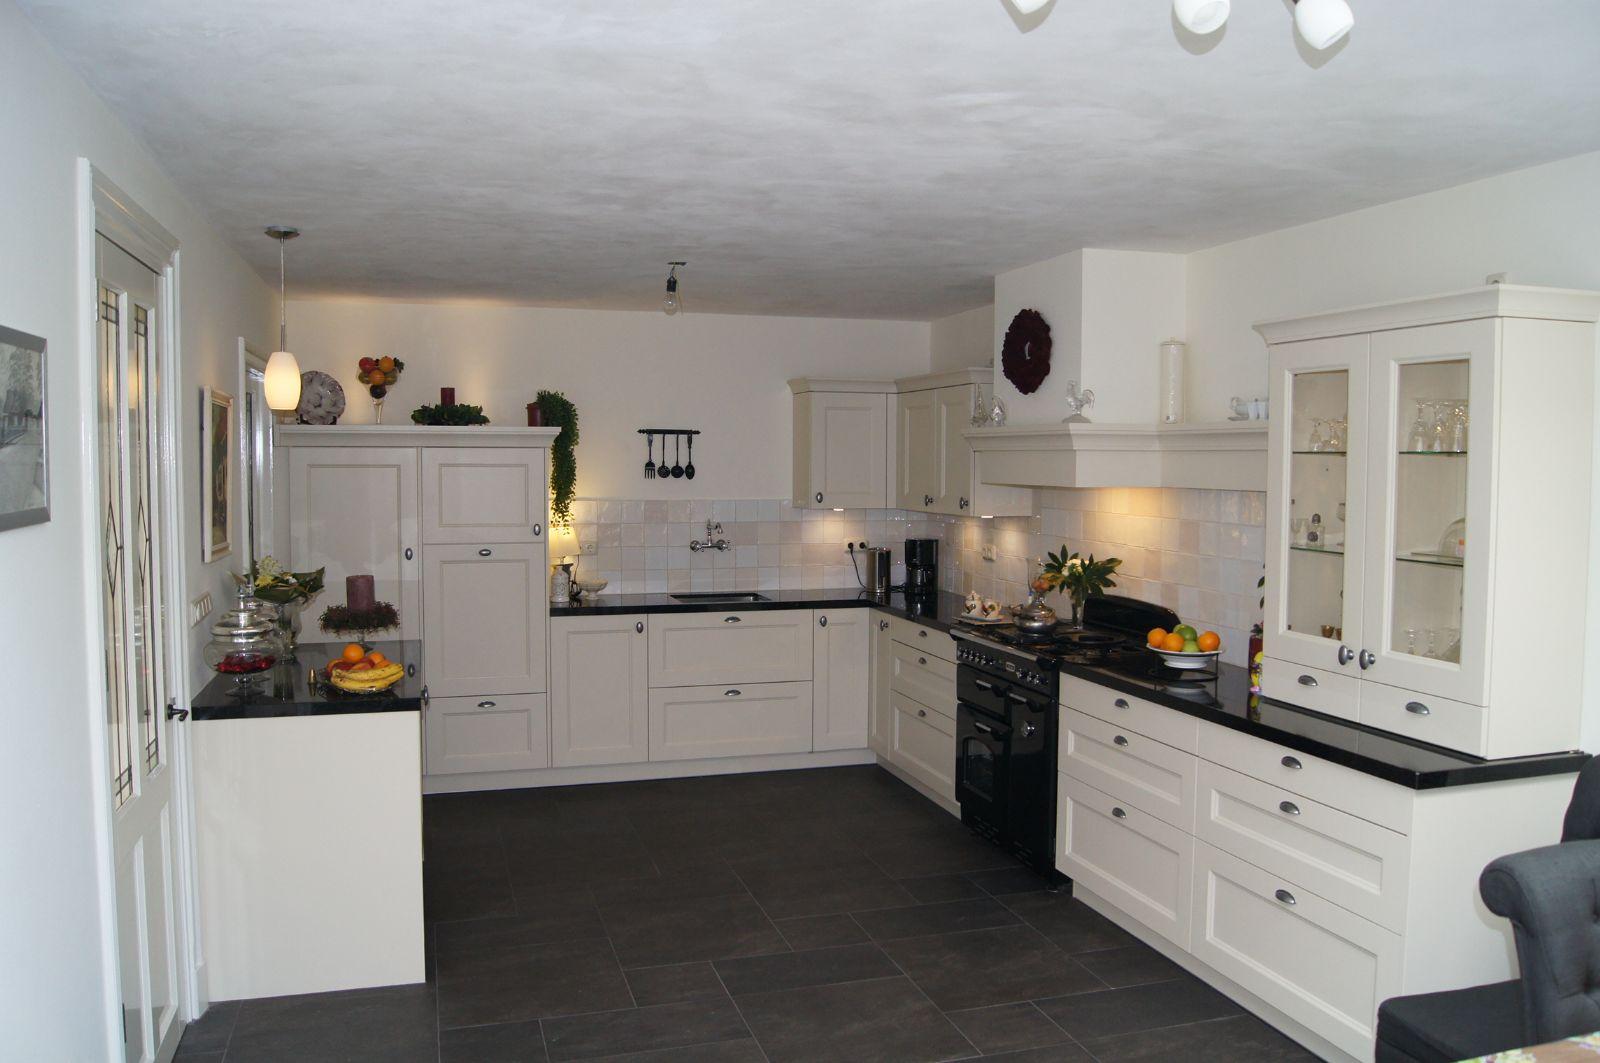 Keuken voorbeelden landelijk interieur meubilair idee n for Landelijk interieur voorbeelden